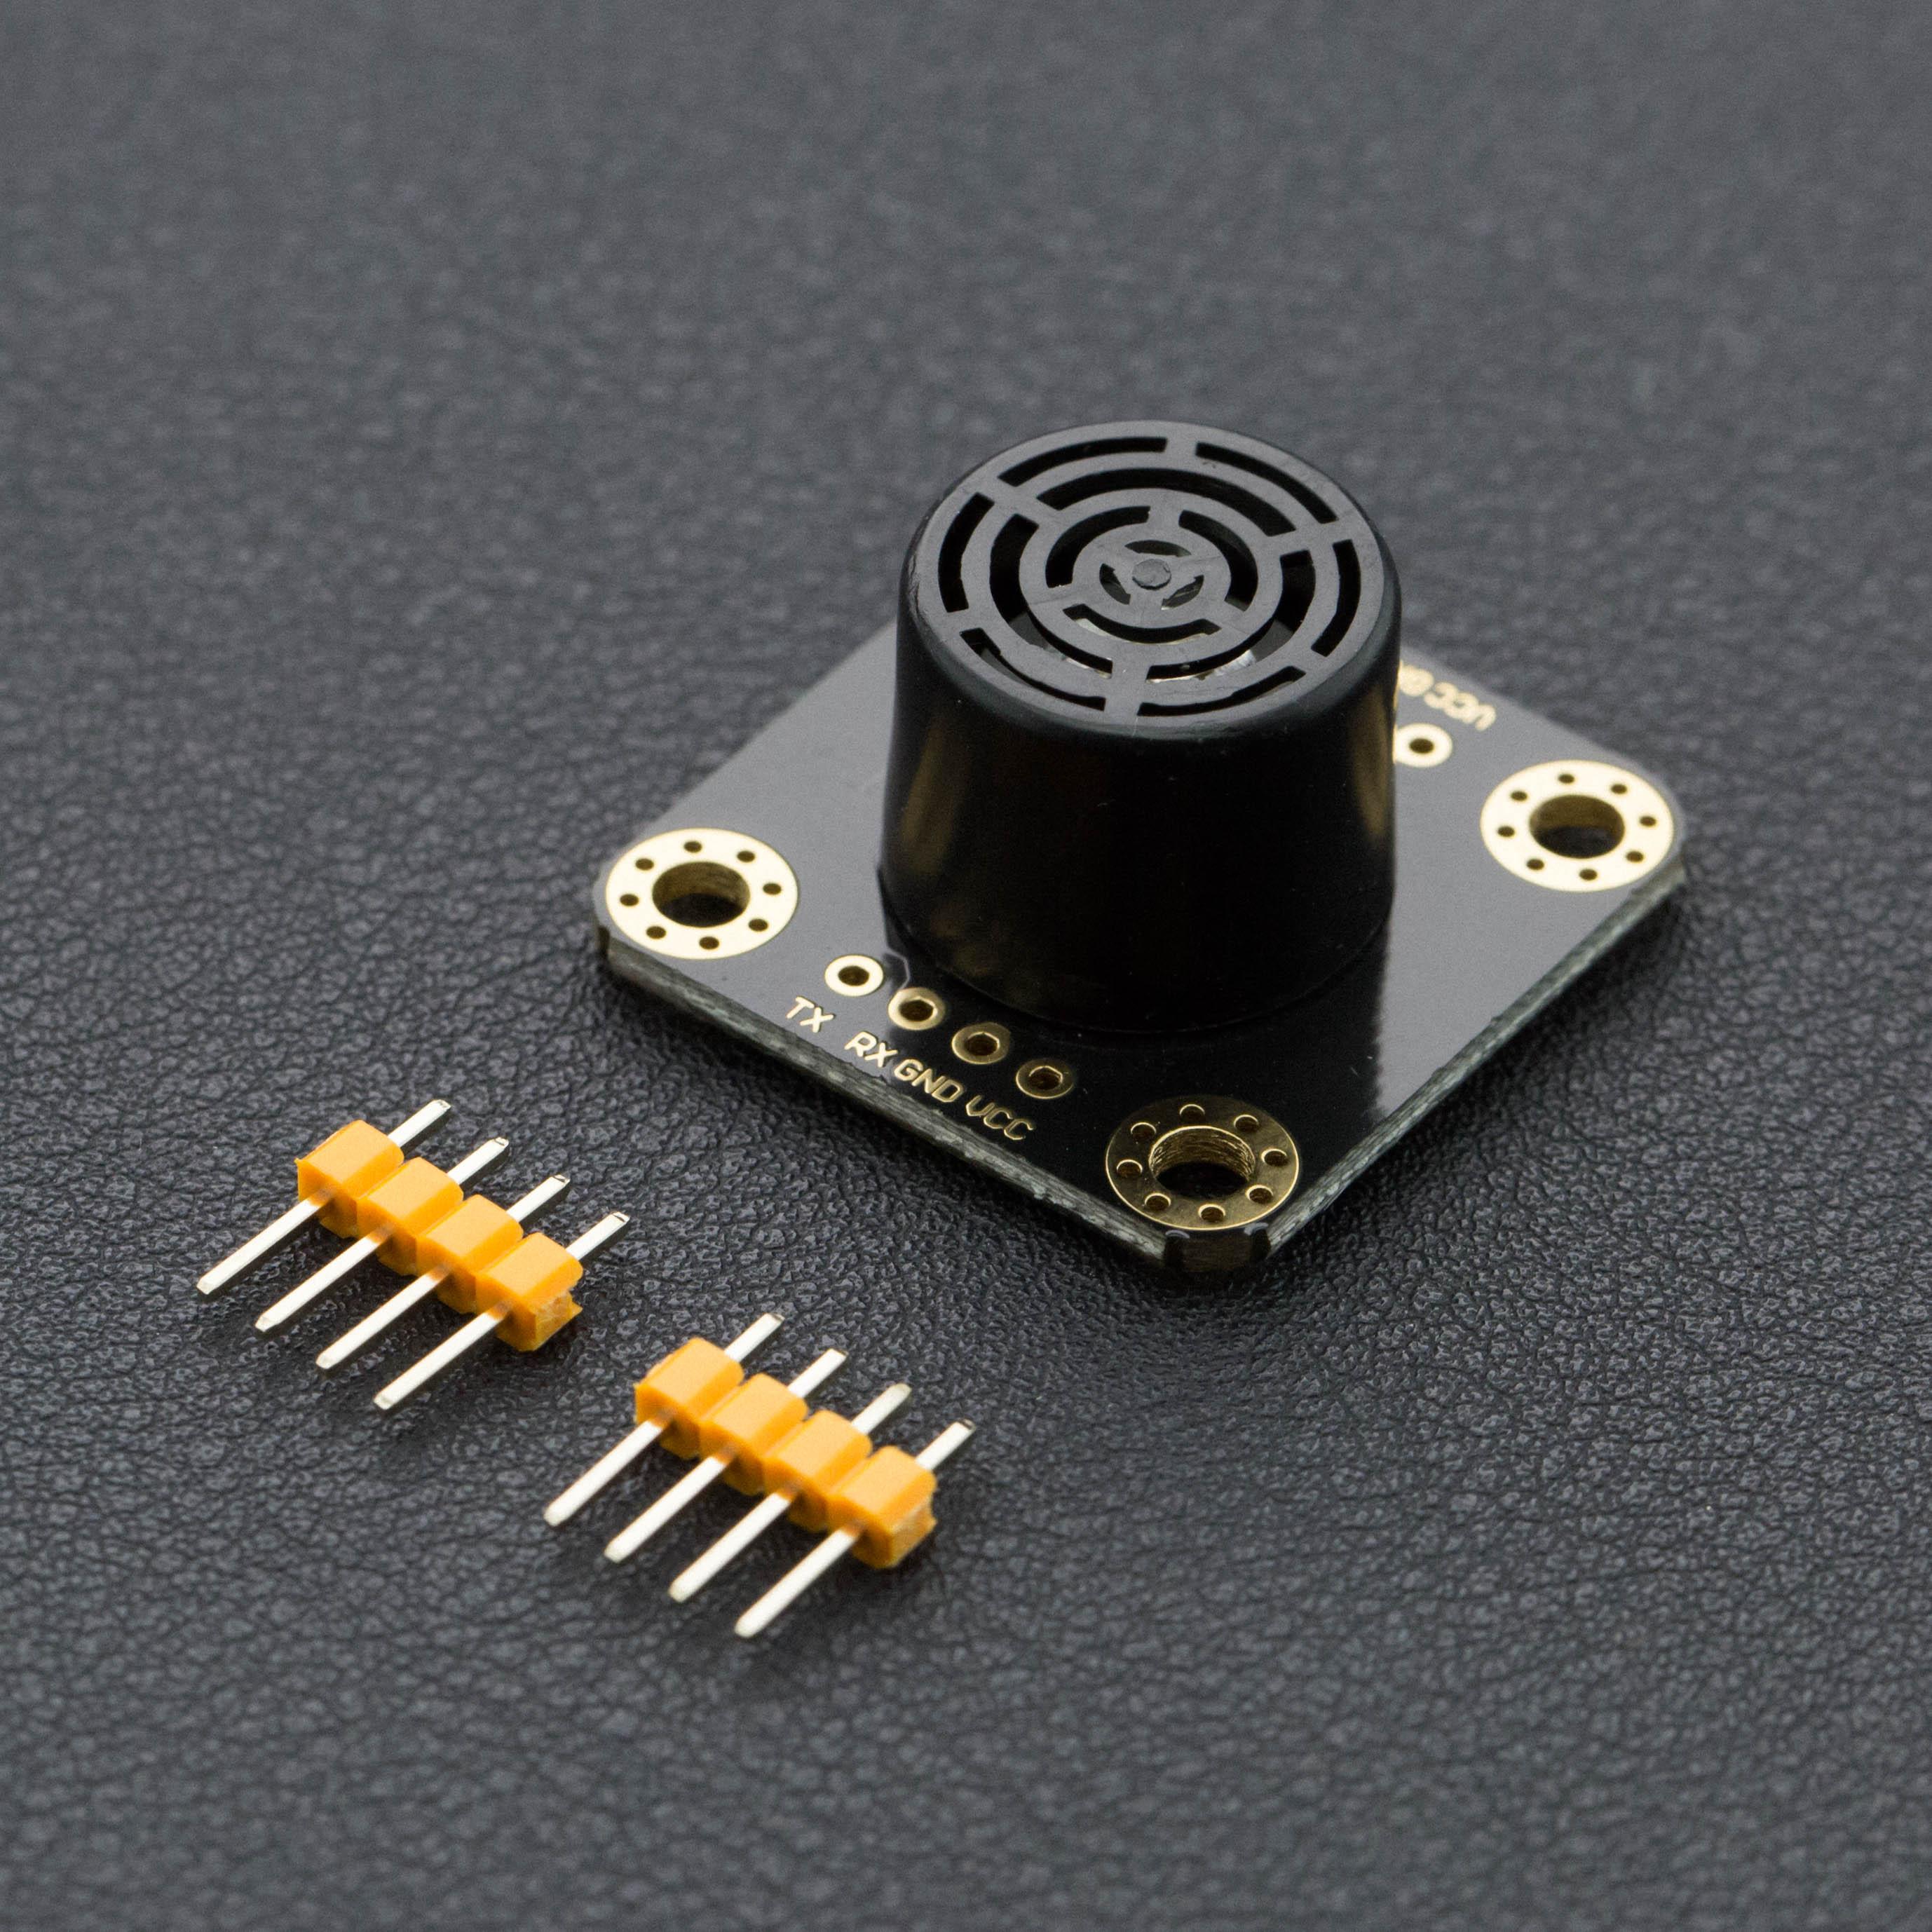 超声波传感器热卖推荐-URM07-UART低功耗超声波测距模块